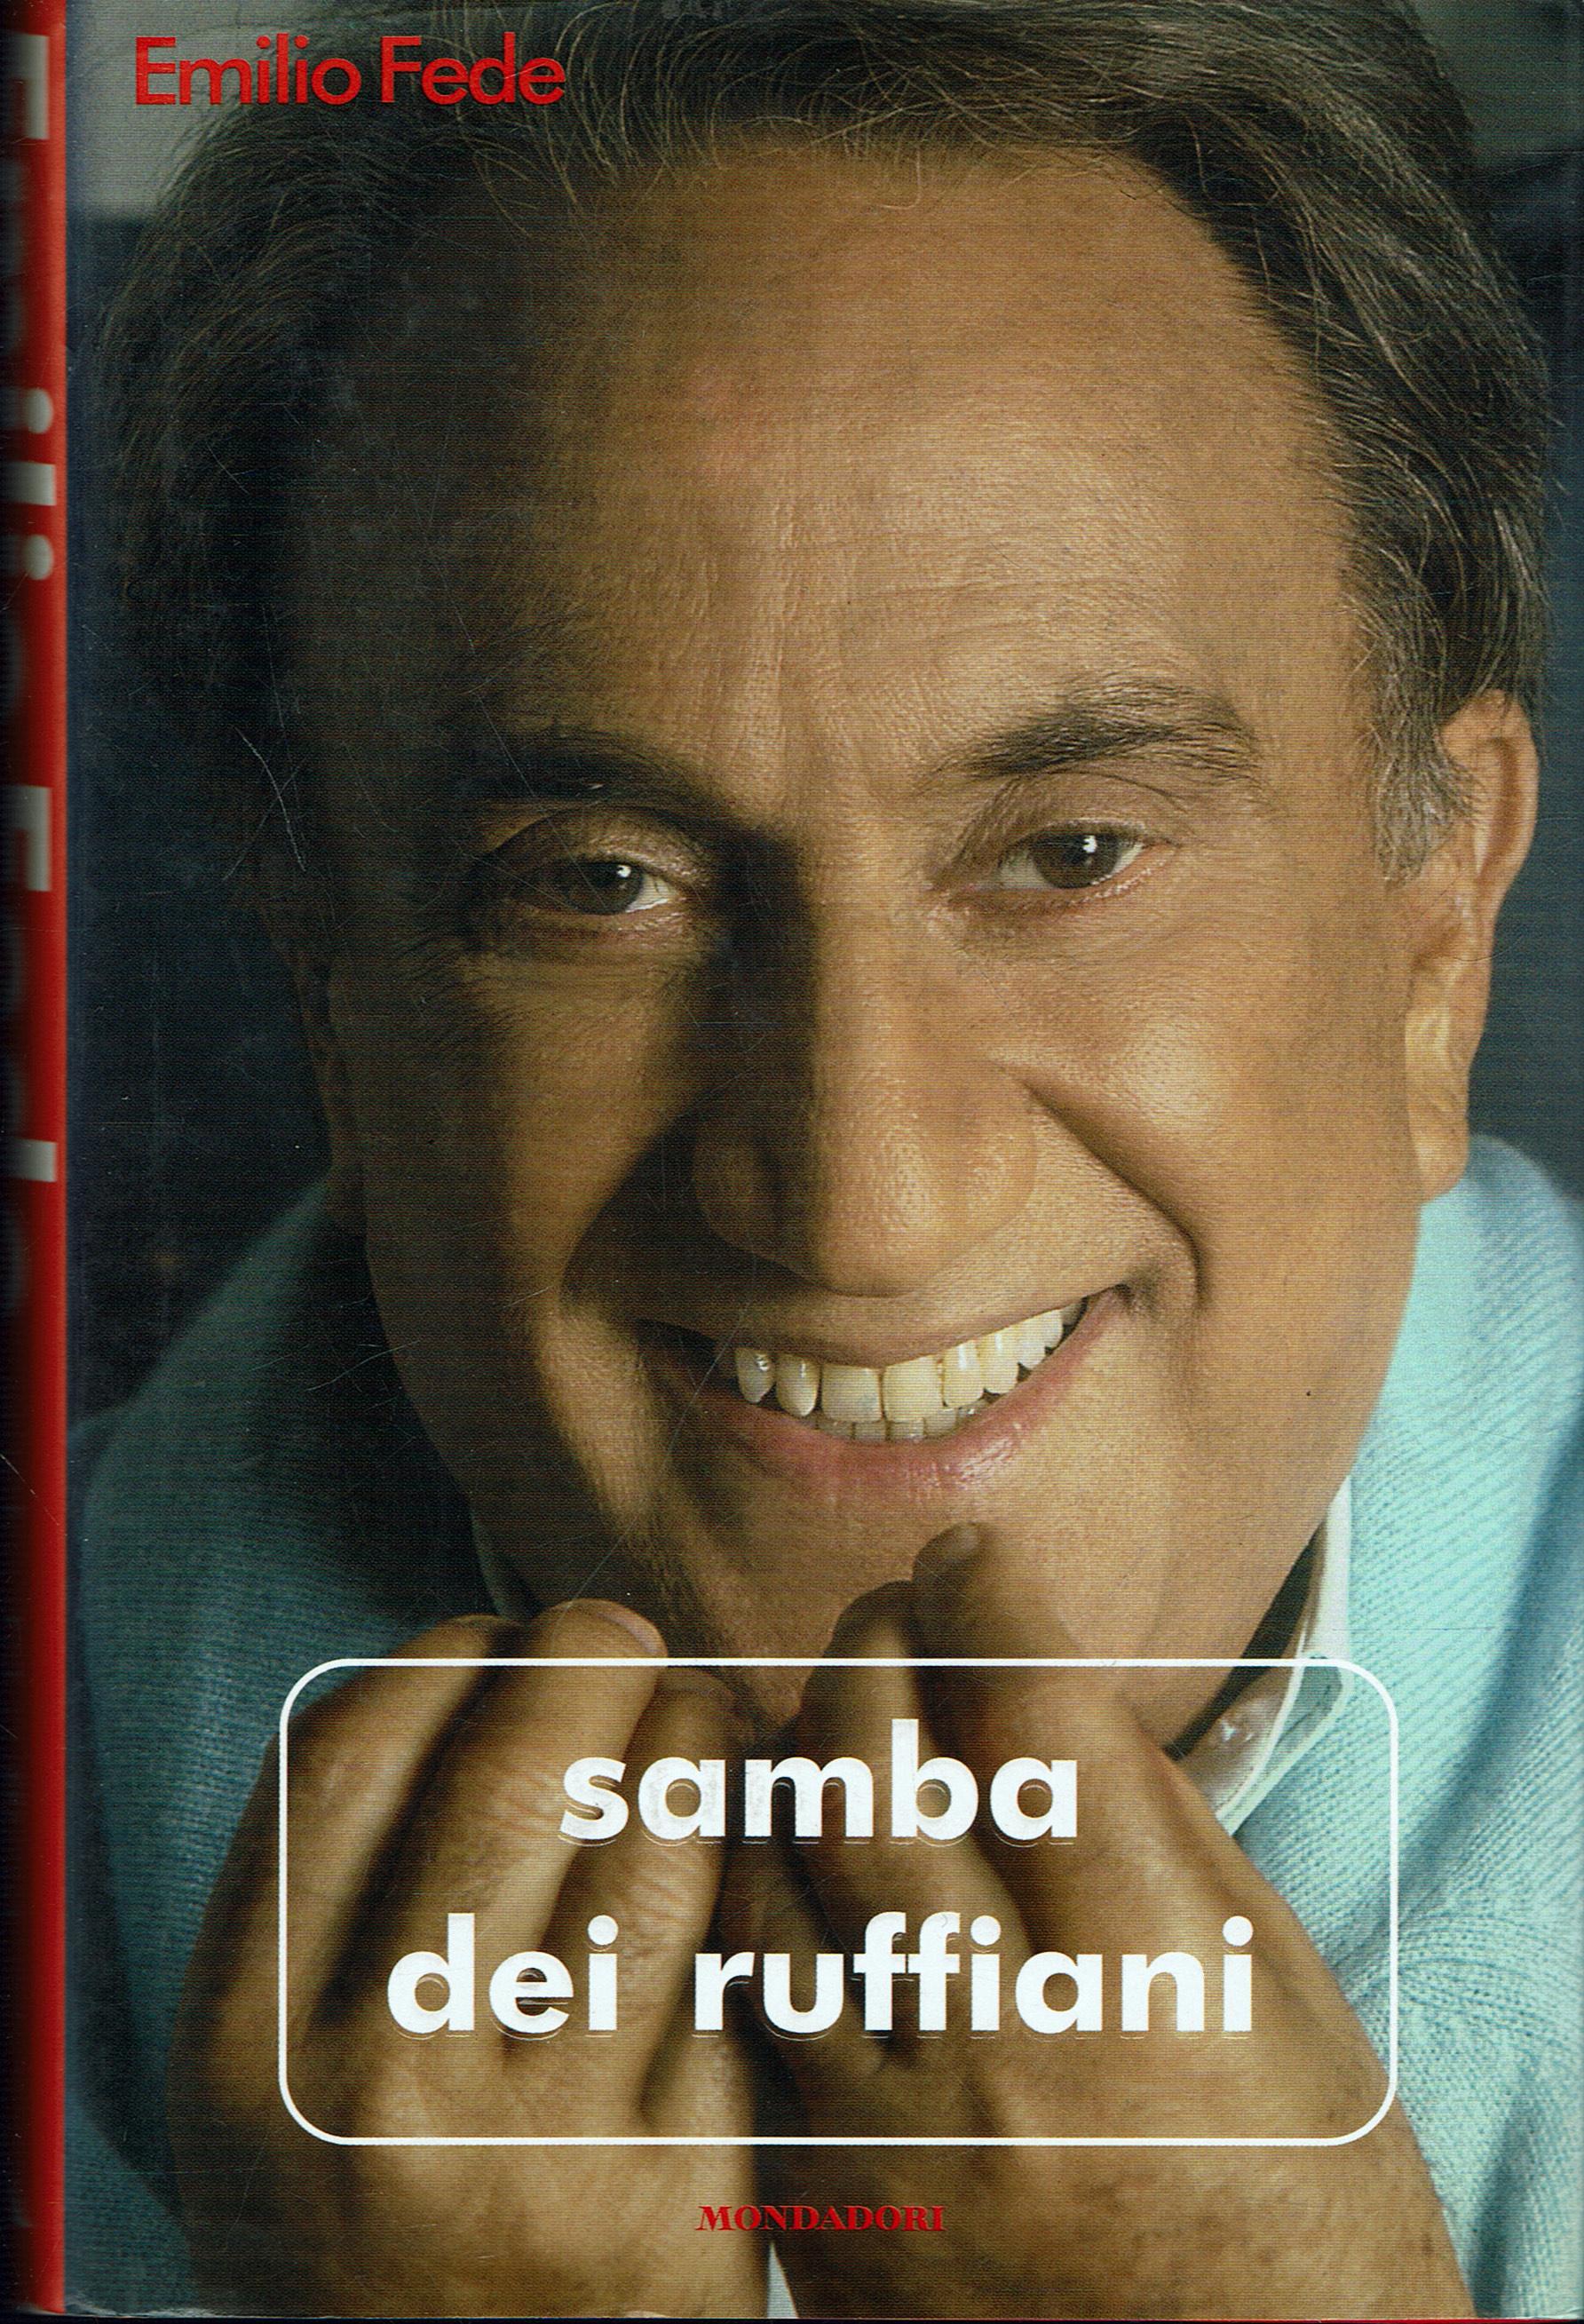 Samba dei ruffiani